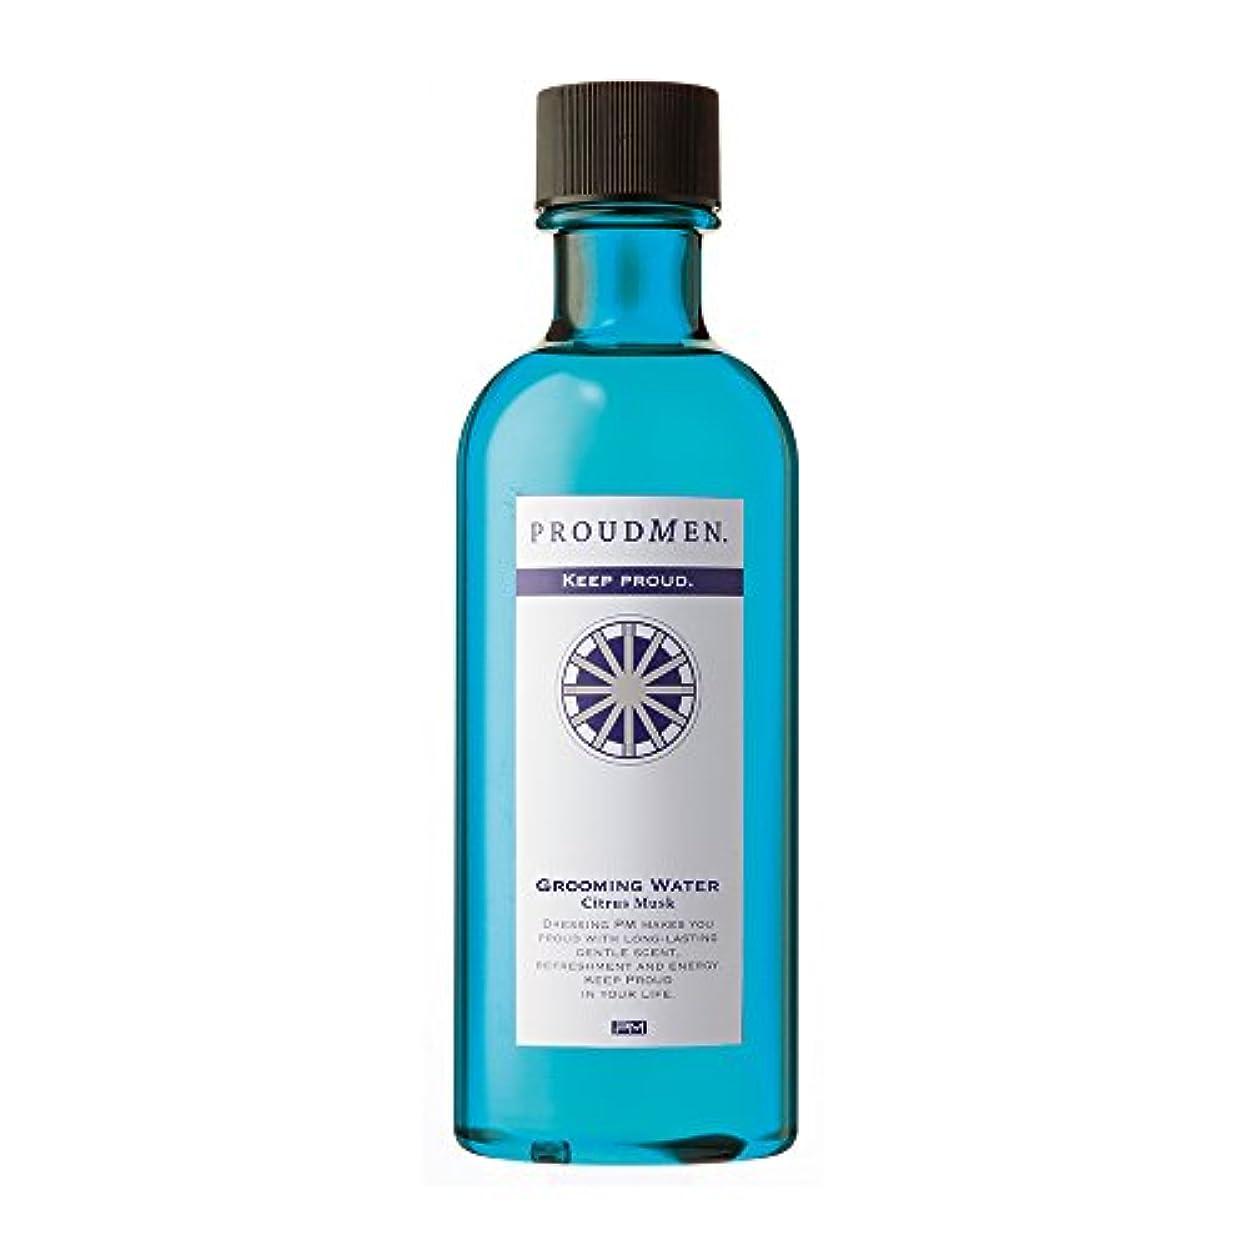 国民投票マナーガソリンプラウドメン グルーミングウォーターCM 200ml (シトラスムスクの香り) 全身 ボディローション